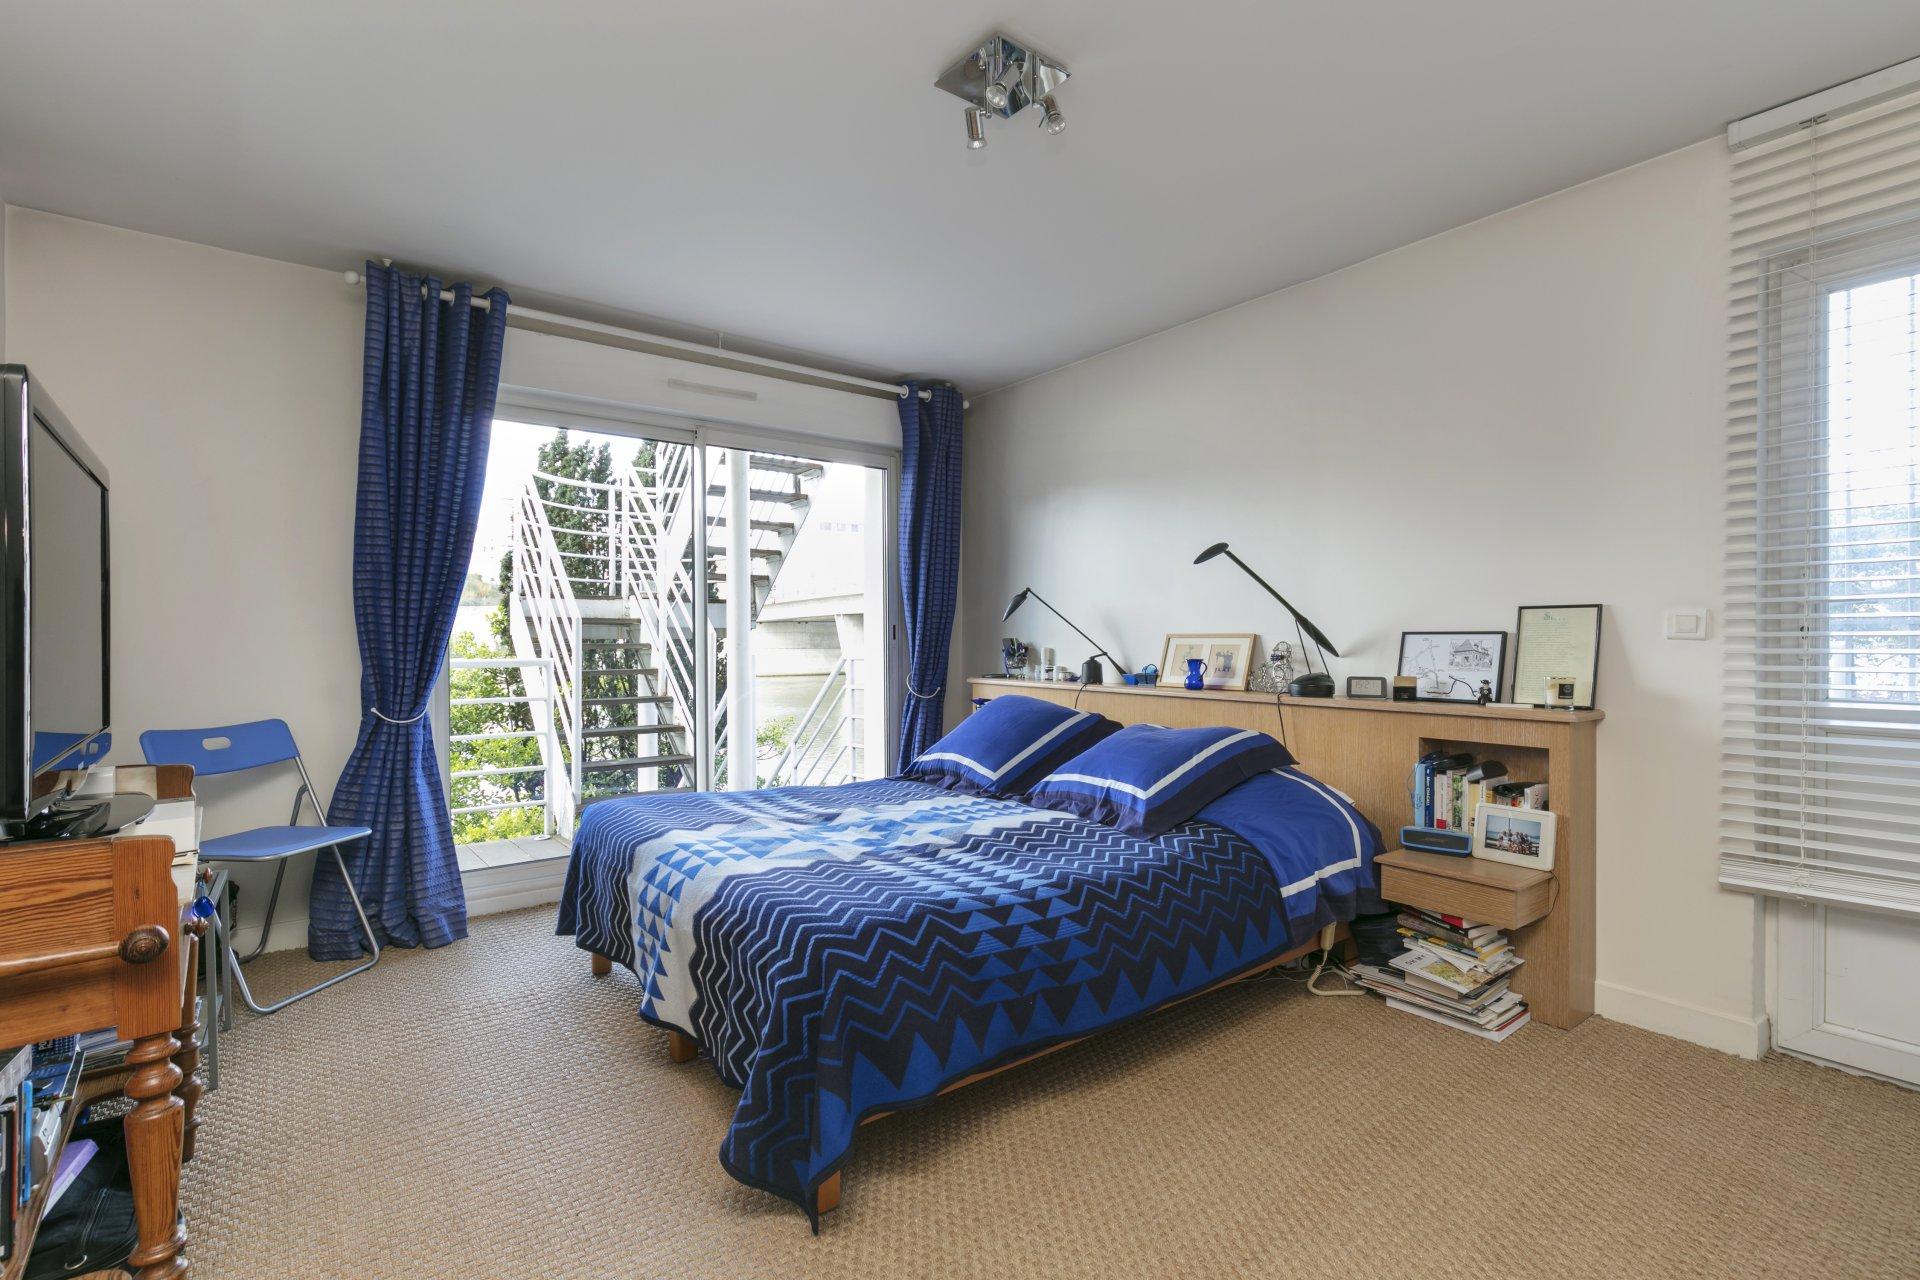 maison-familiale-a-vendre-balcon-vue-exceptionnelle-seine-jardin-proche-commerces